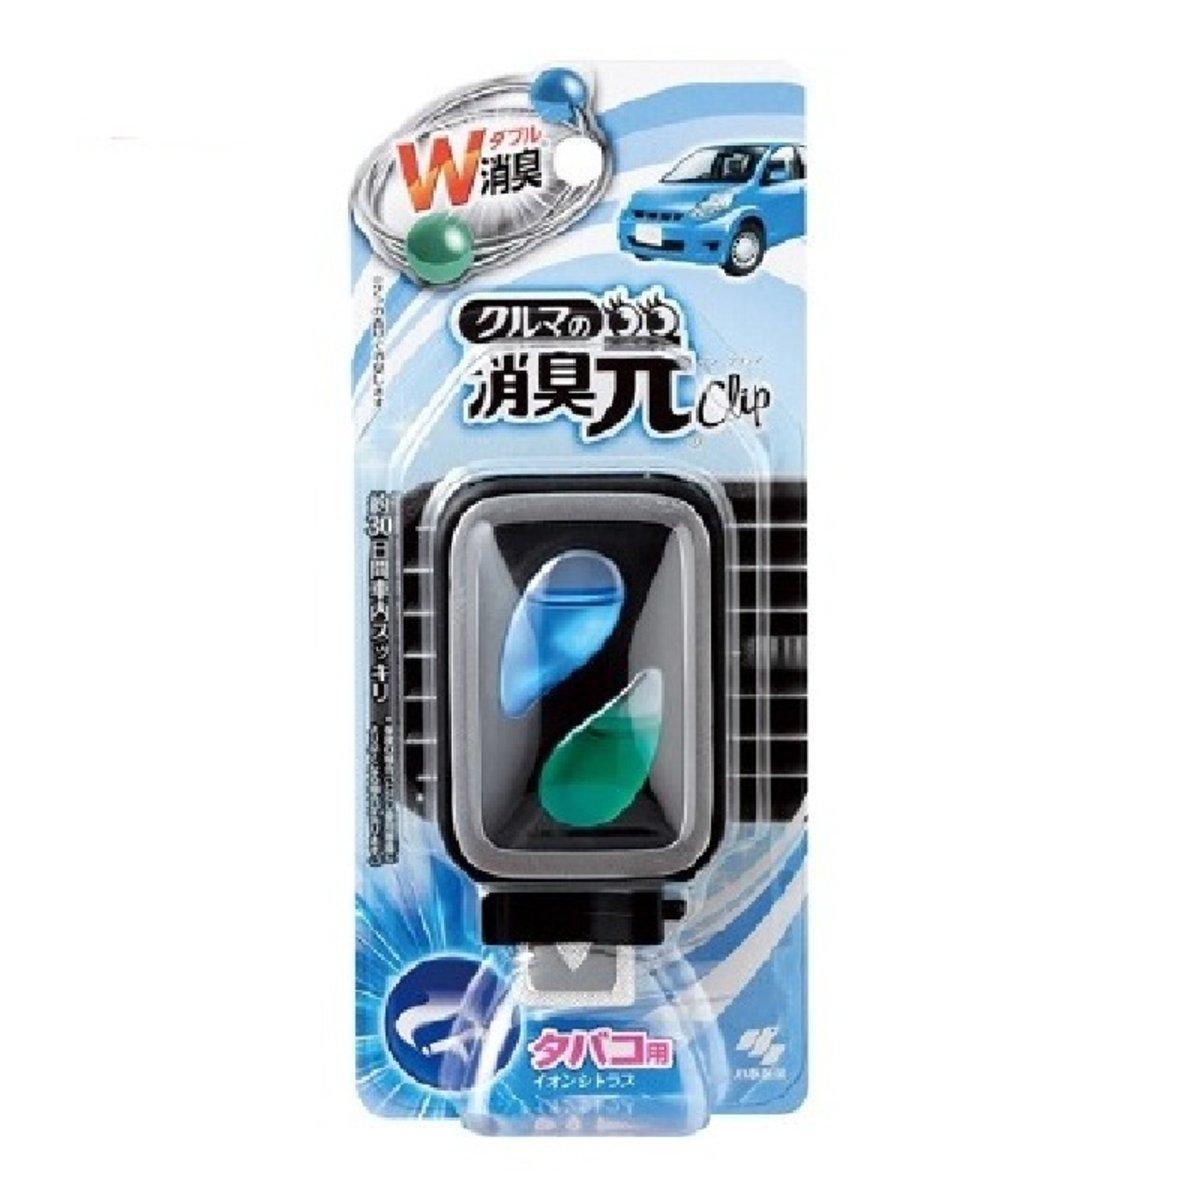 Kobayashi Car Air Freshener #Citrus 4.6ml